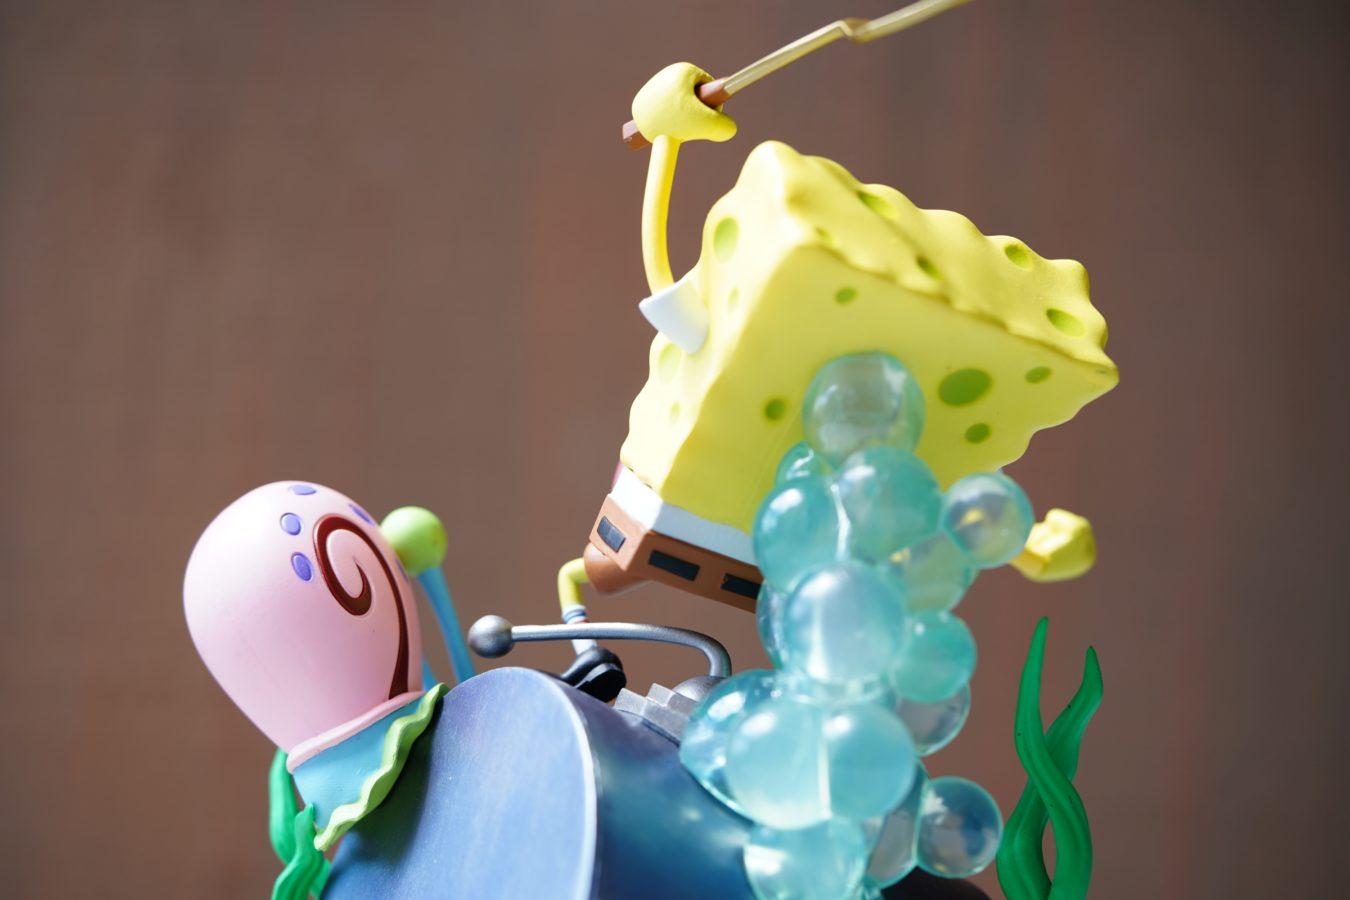 Unboxing ogromnej edycji kolekcjonerskiej SpongeBob SquarePants: Battle for Bikini Bottom Rehydrated F.U.N. Edition 75